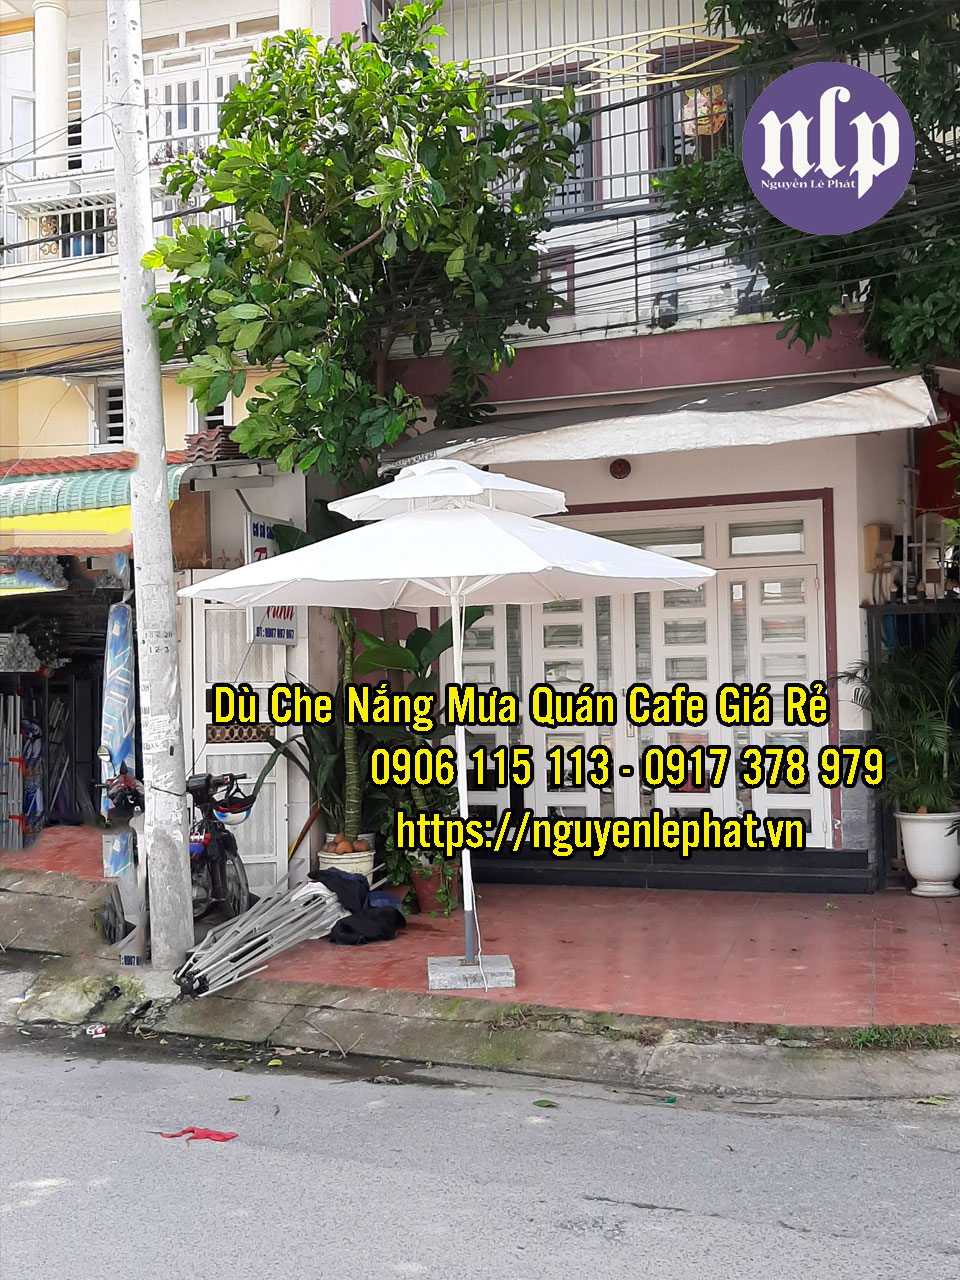 Bán dù che nắng đẹp tại Vũng Tàu - Dù Che Nắng Mưa Quán cà phê giá rẻ